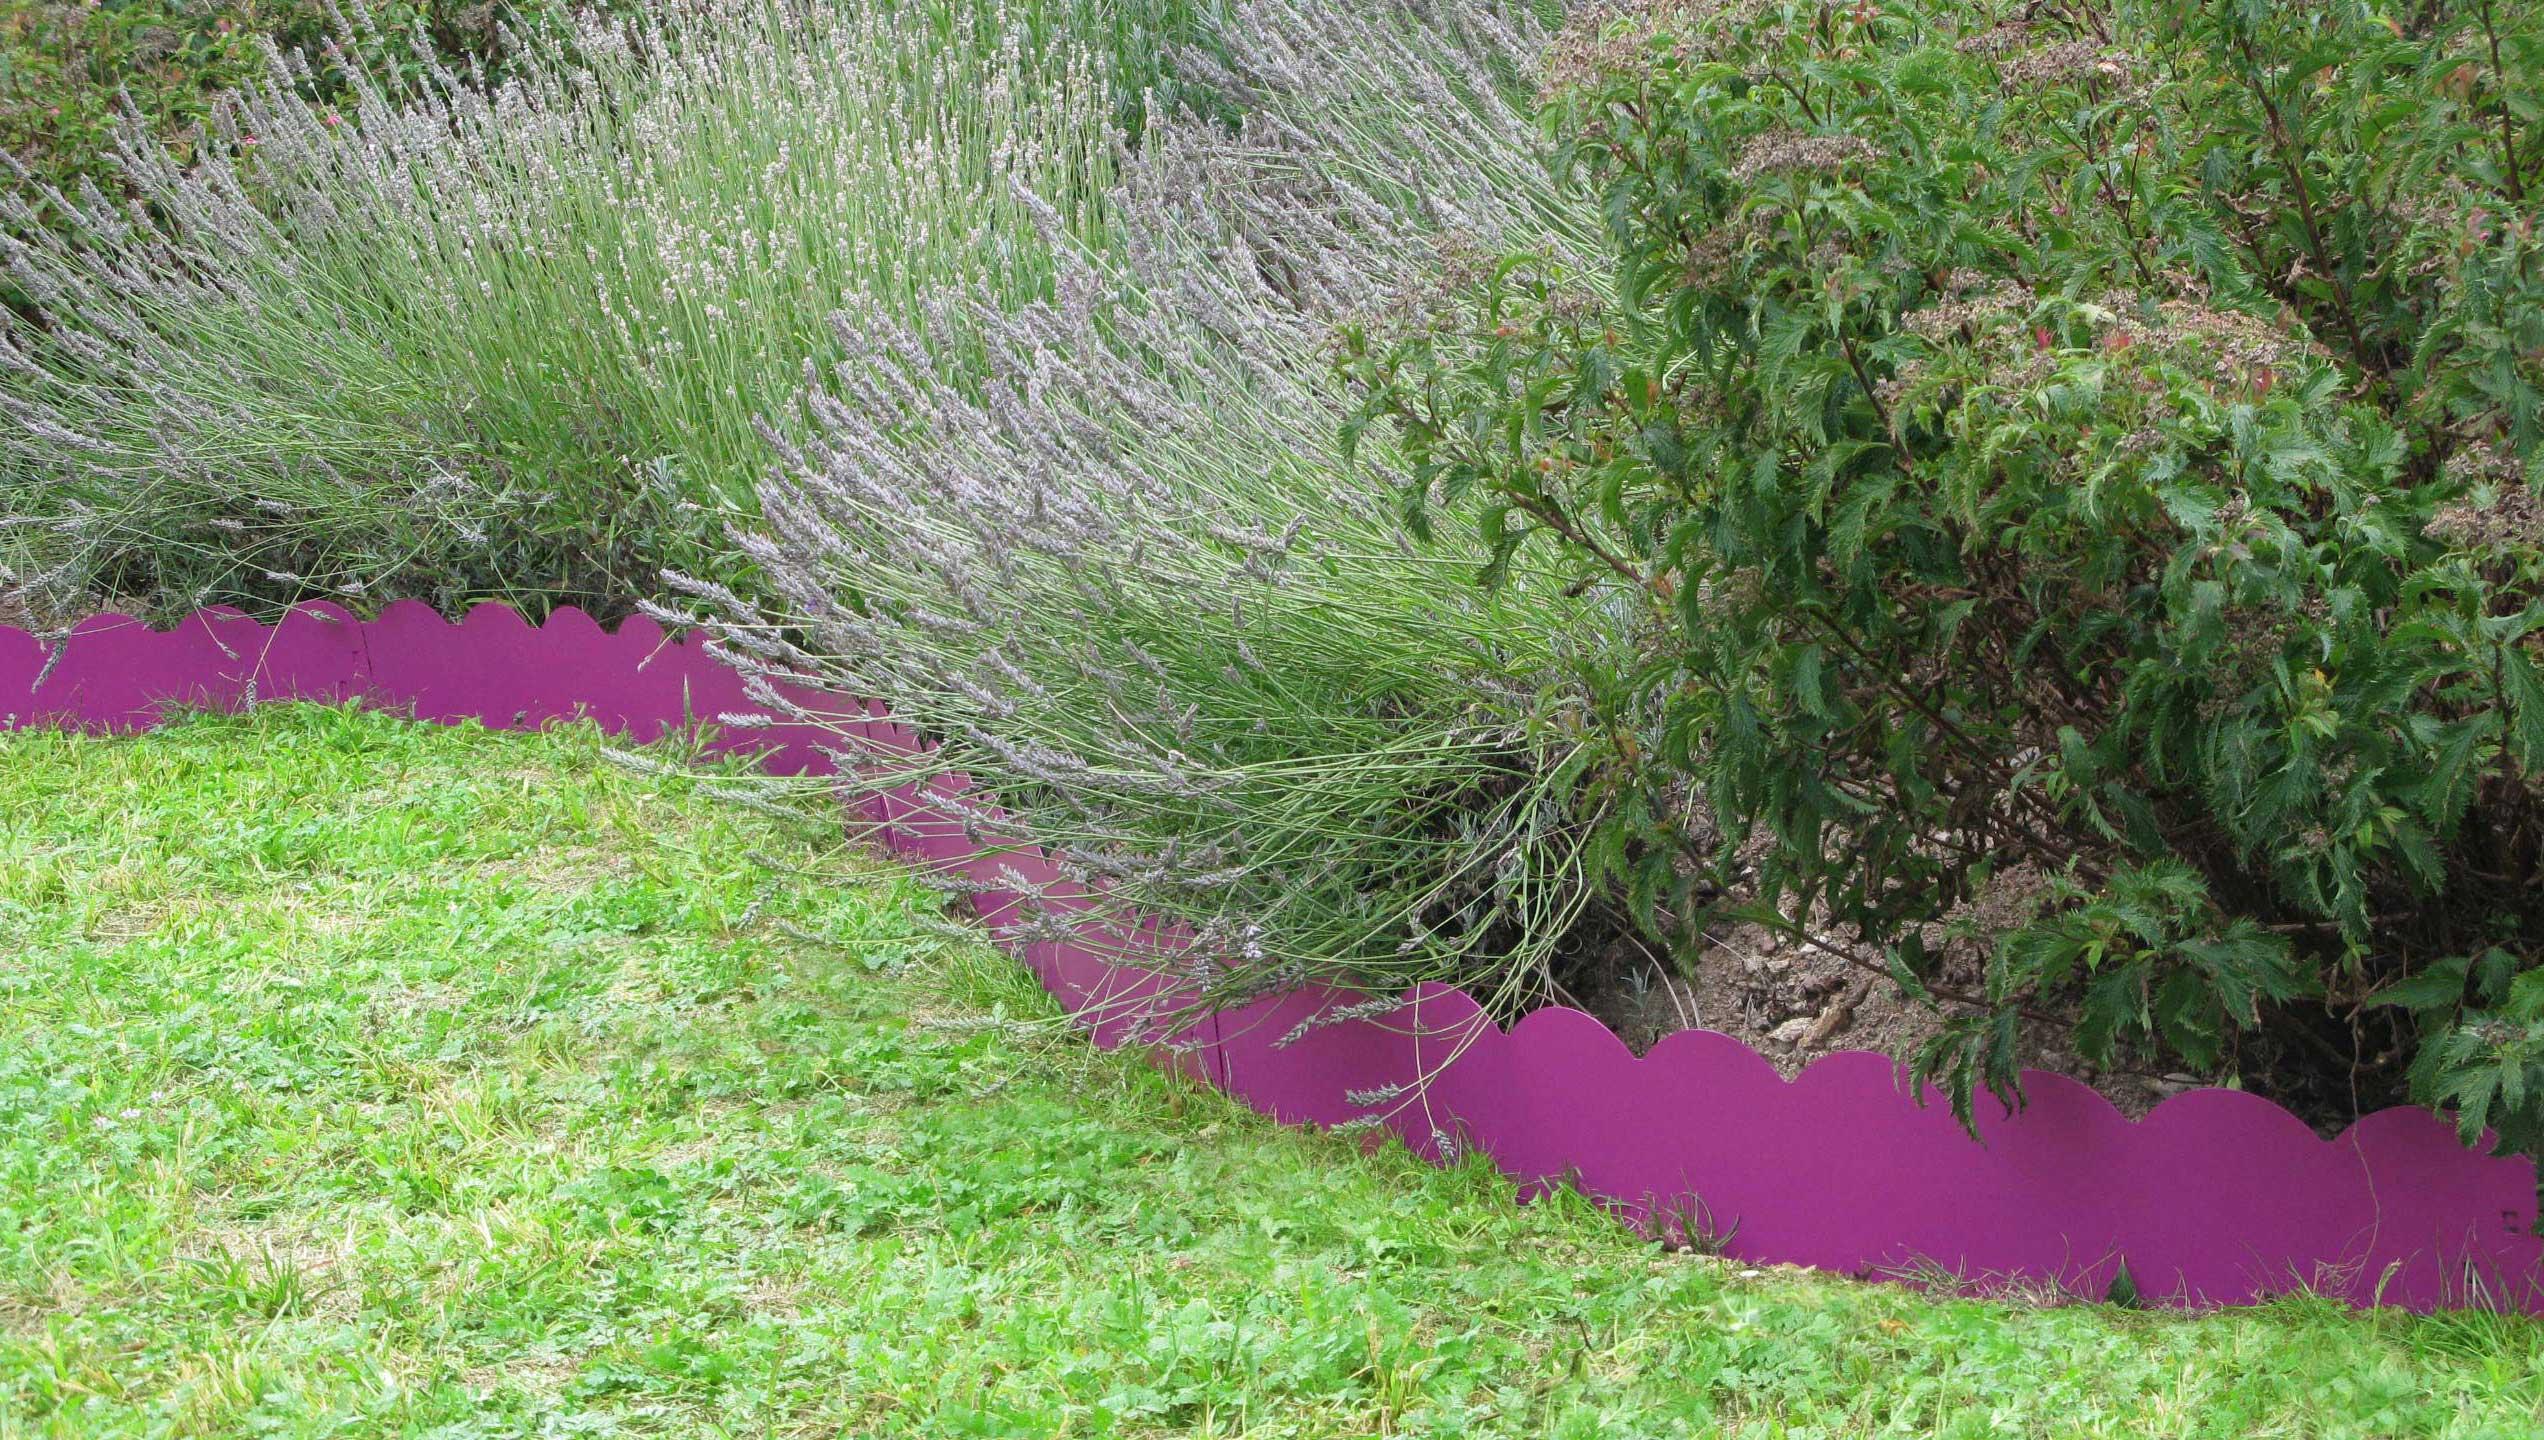 Les Conseils Pratiques De Jardin Et Saisons Pour Installer ... pour Bordure Jardin Zinc